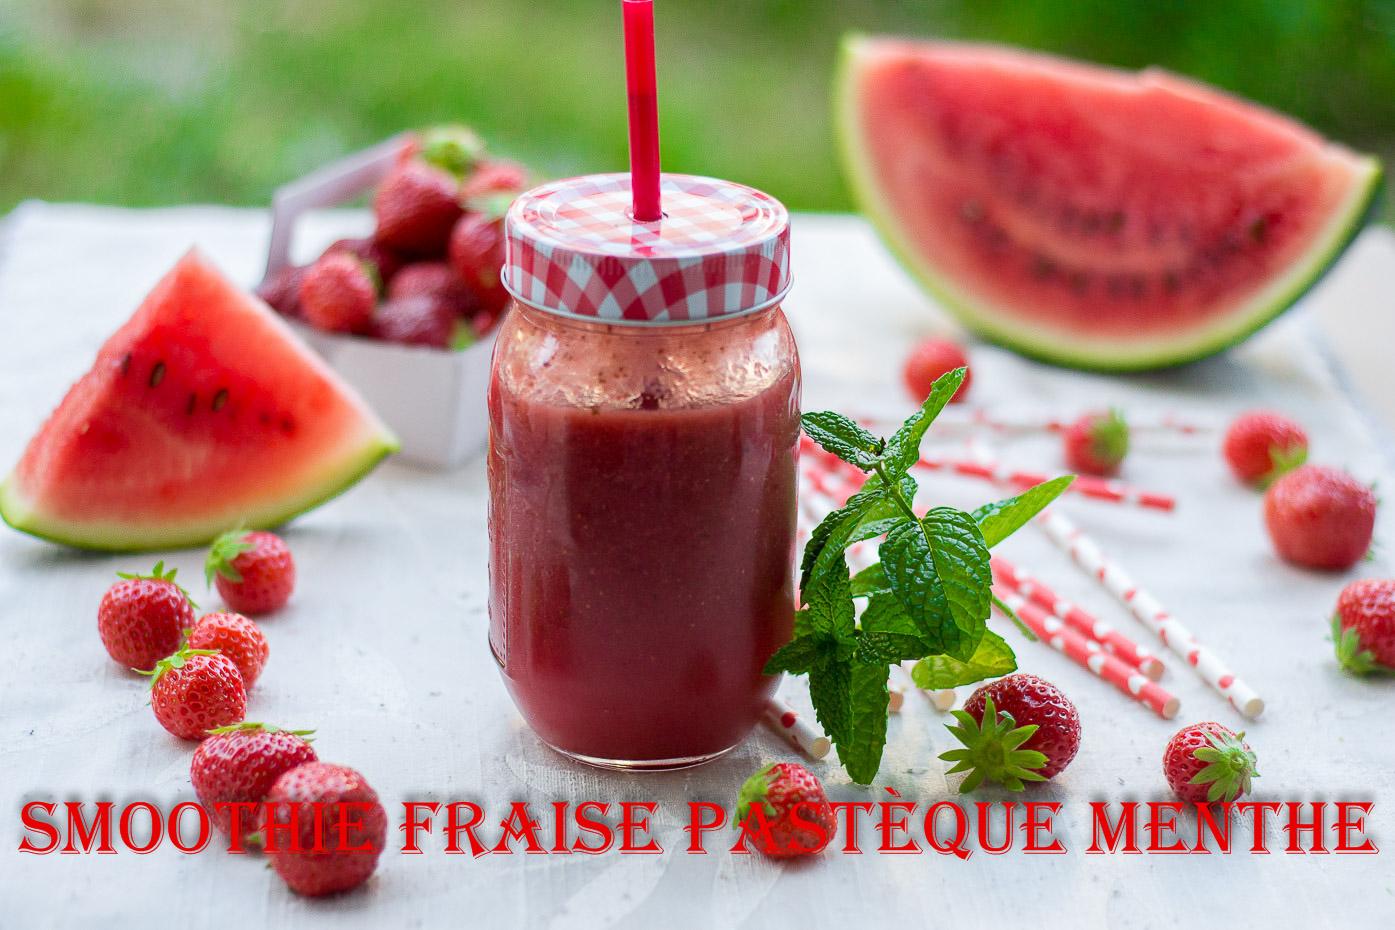 Smoothie fraise pastèque et menthe